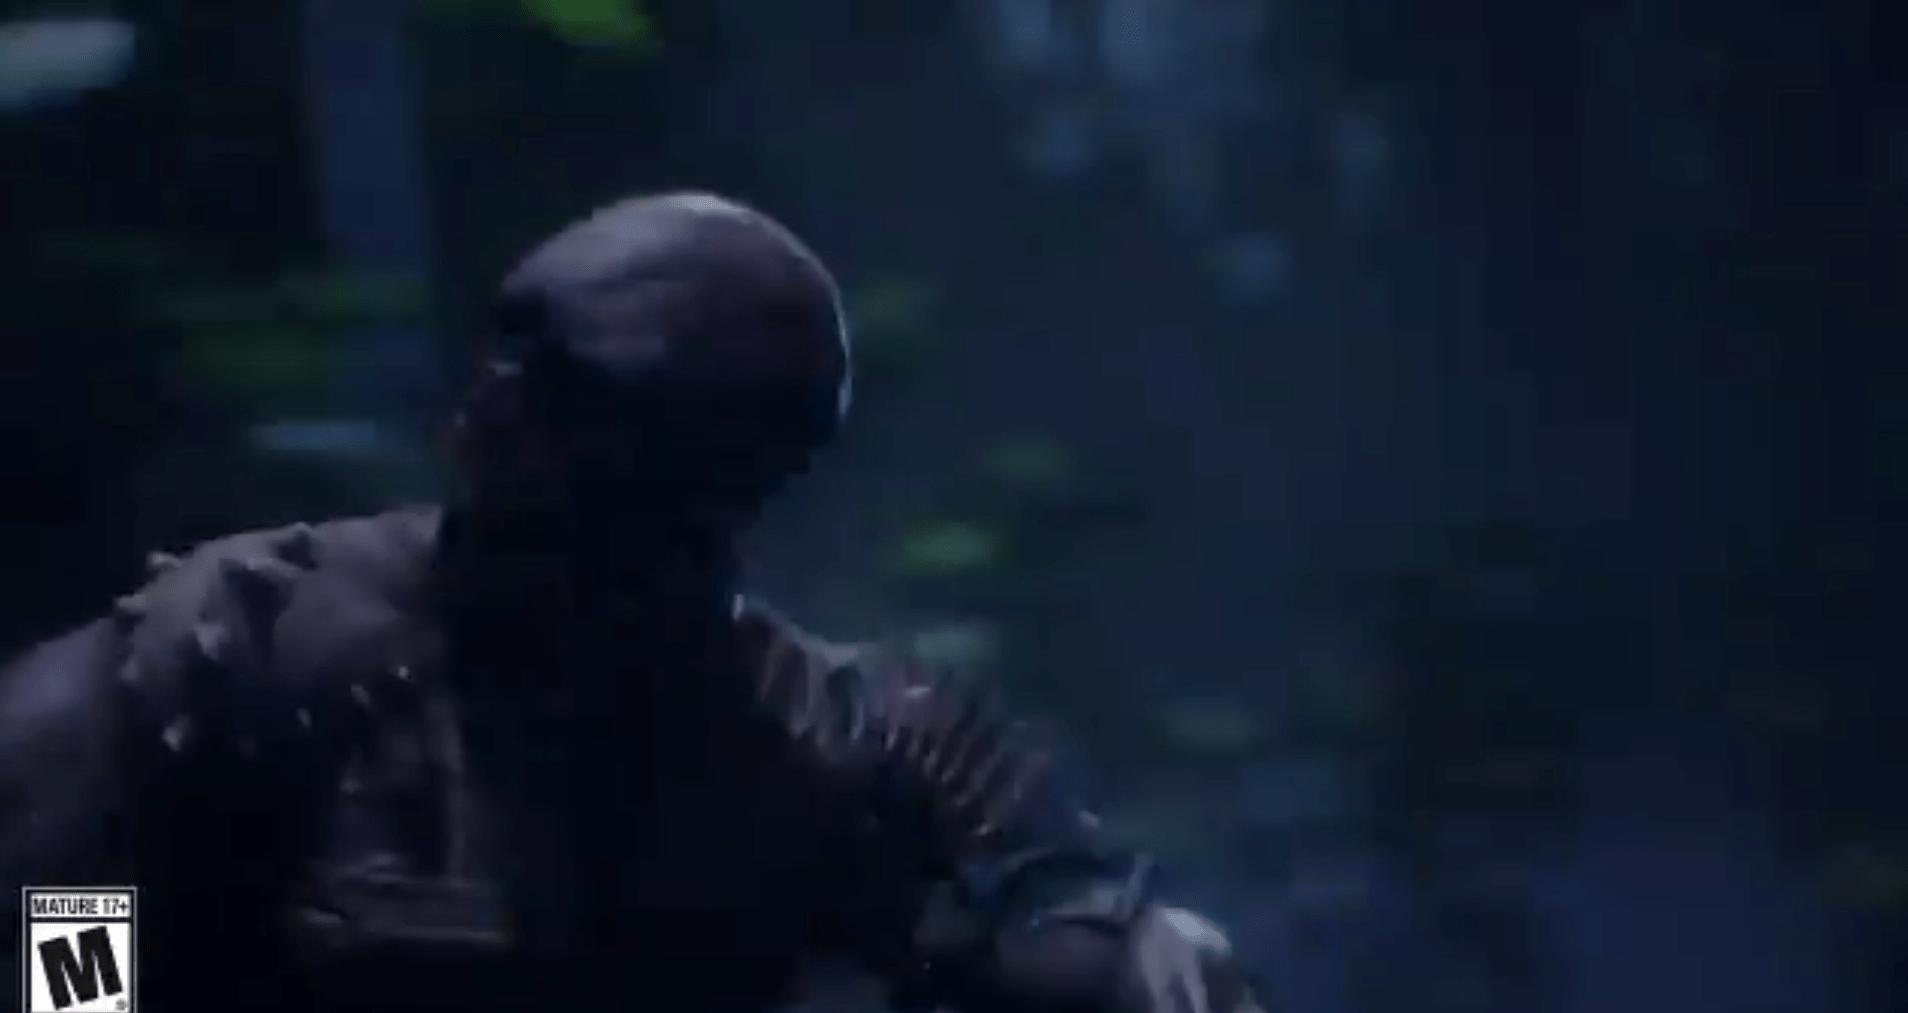 Un personnage inconnu dans une vidéo teaser pour les futurs DLCs de Mortal Kombat 11: Aftermath